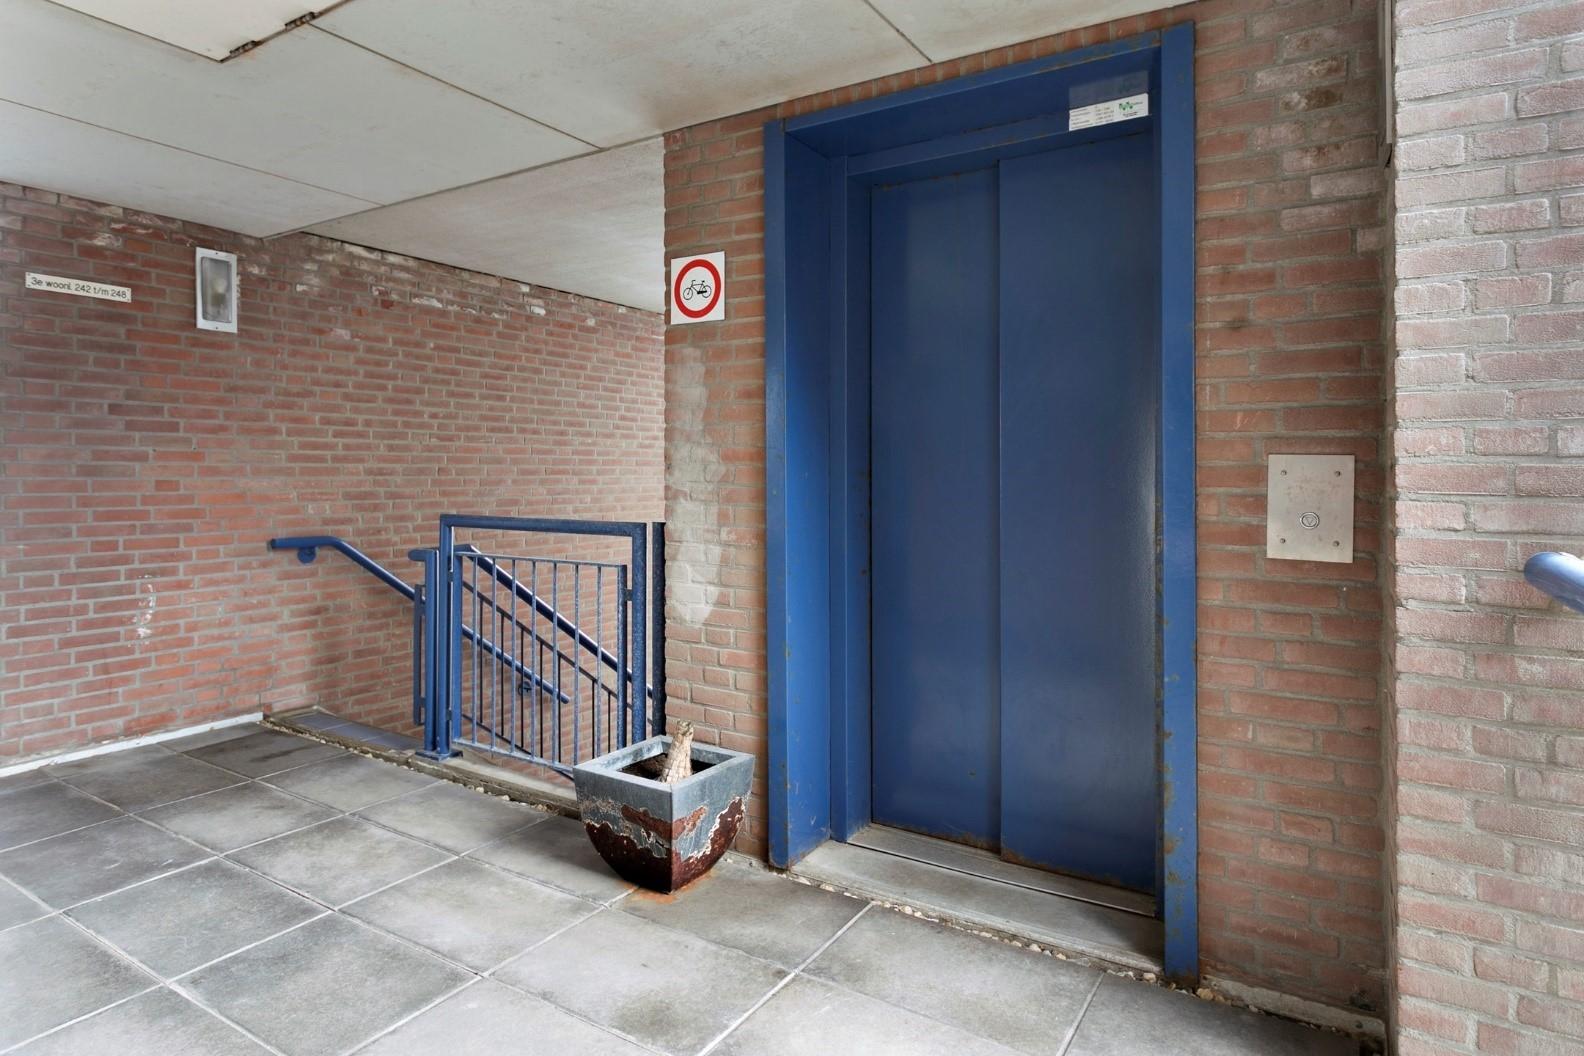 Zwolsestraat 246